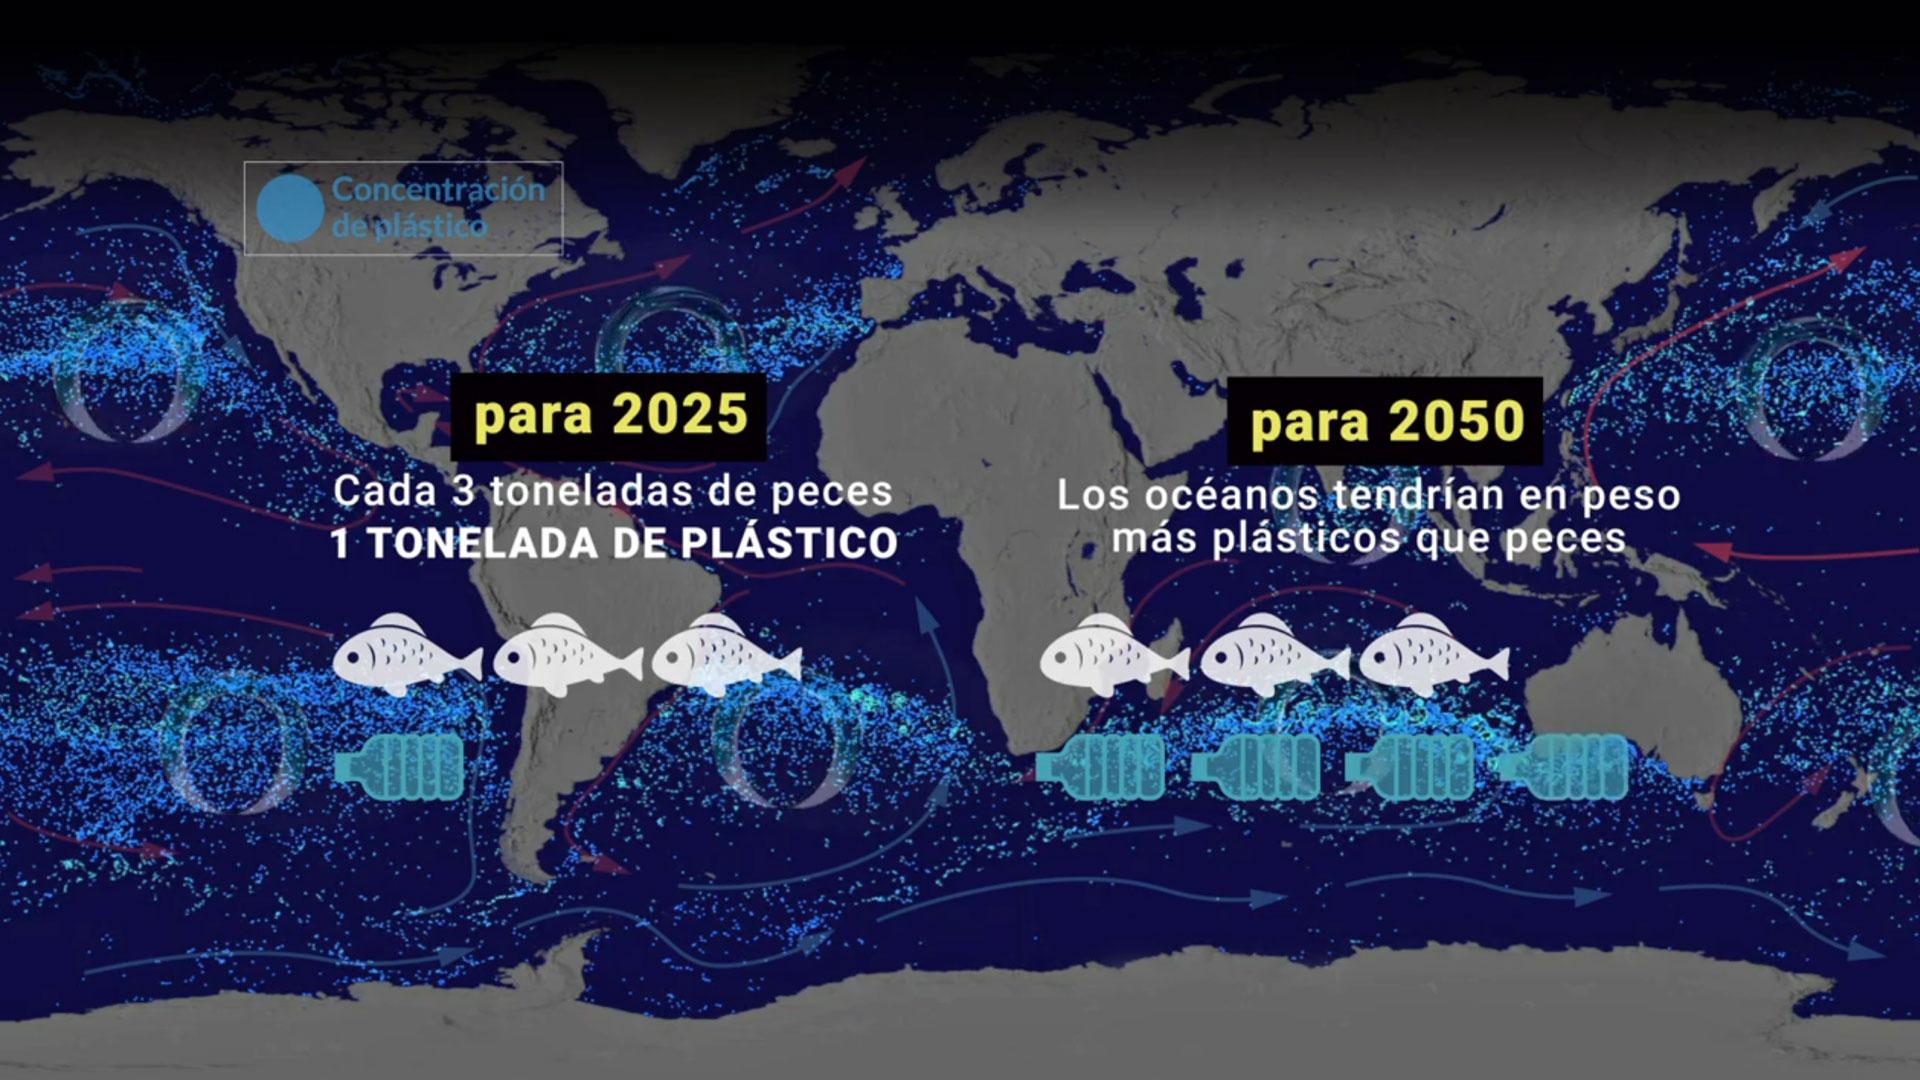 Según los expertos, si la humanidad sigue a este ritmo, para 2050 habrá más plásticos que peces en los océanos.